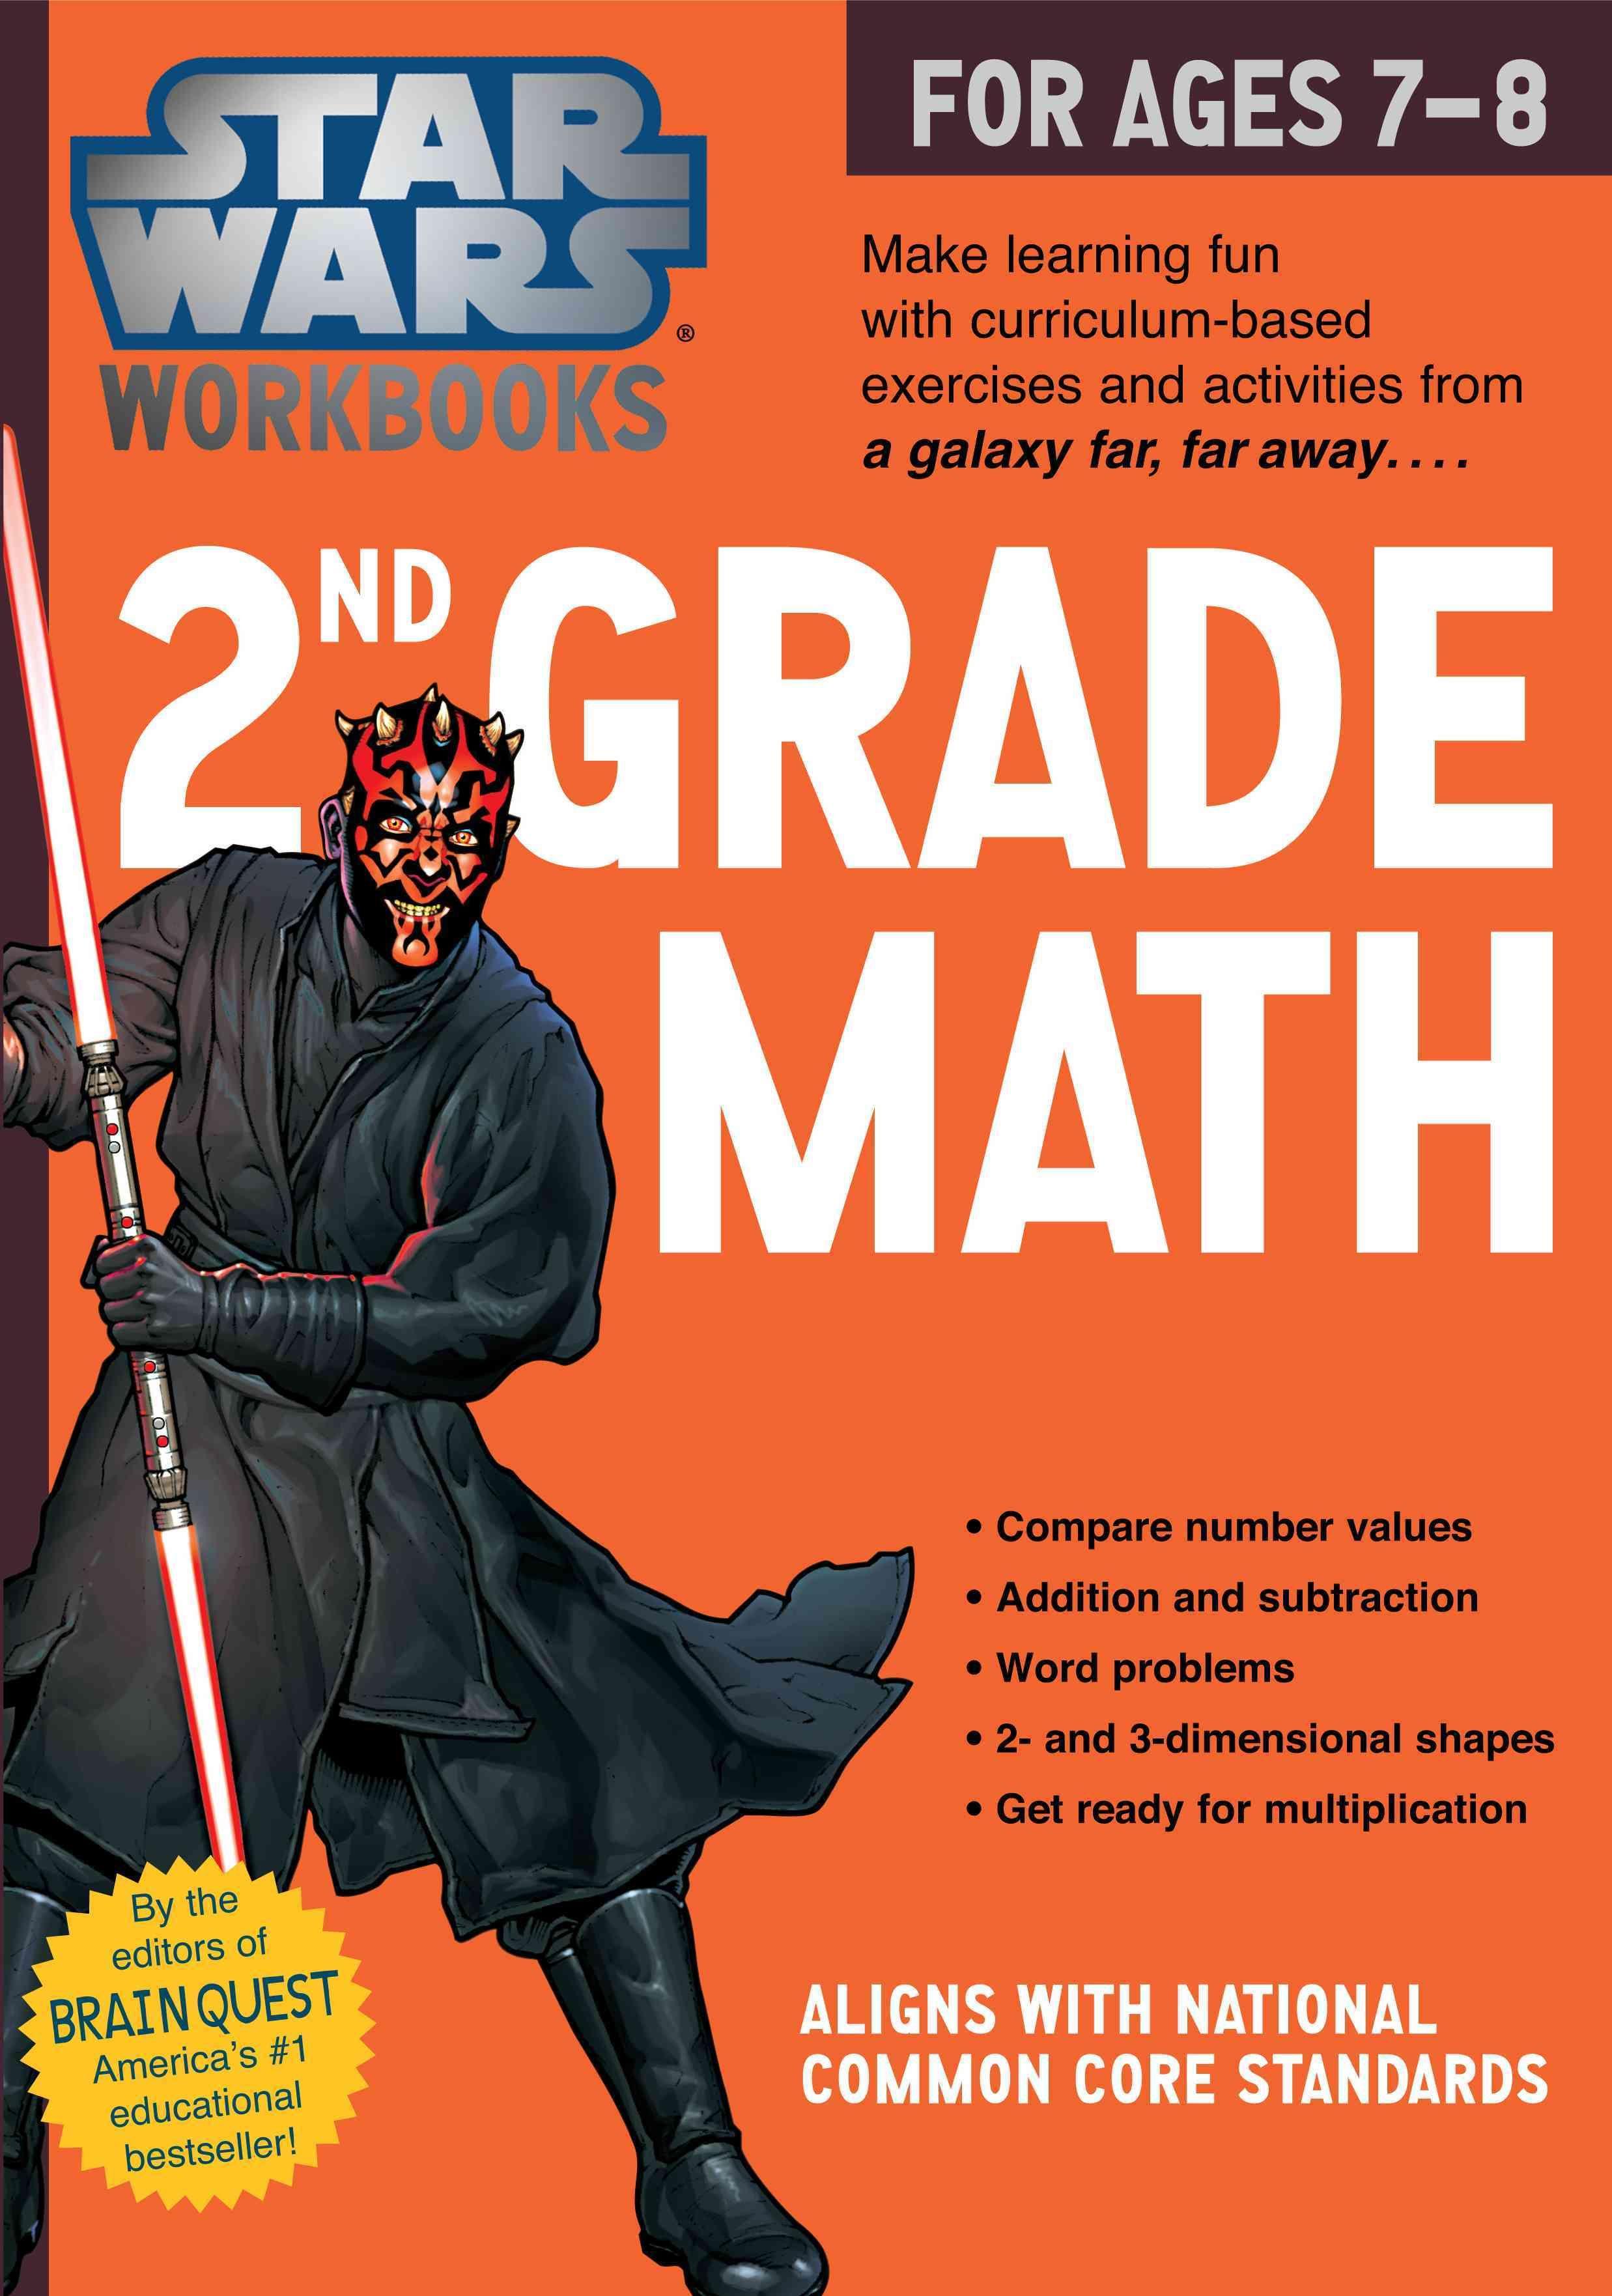 Star Wars 2nd Grade Math for Ages 7-8   Homeschool   Pinterest ...